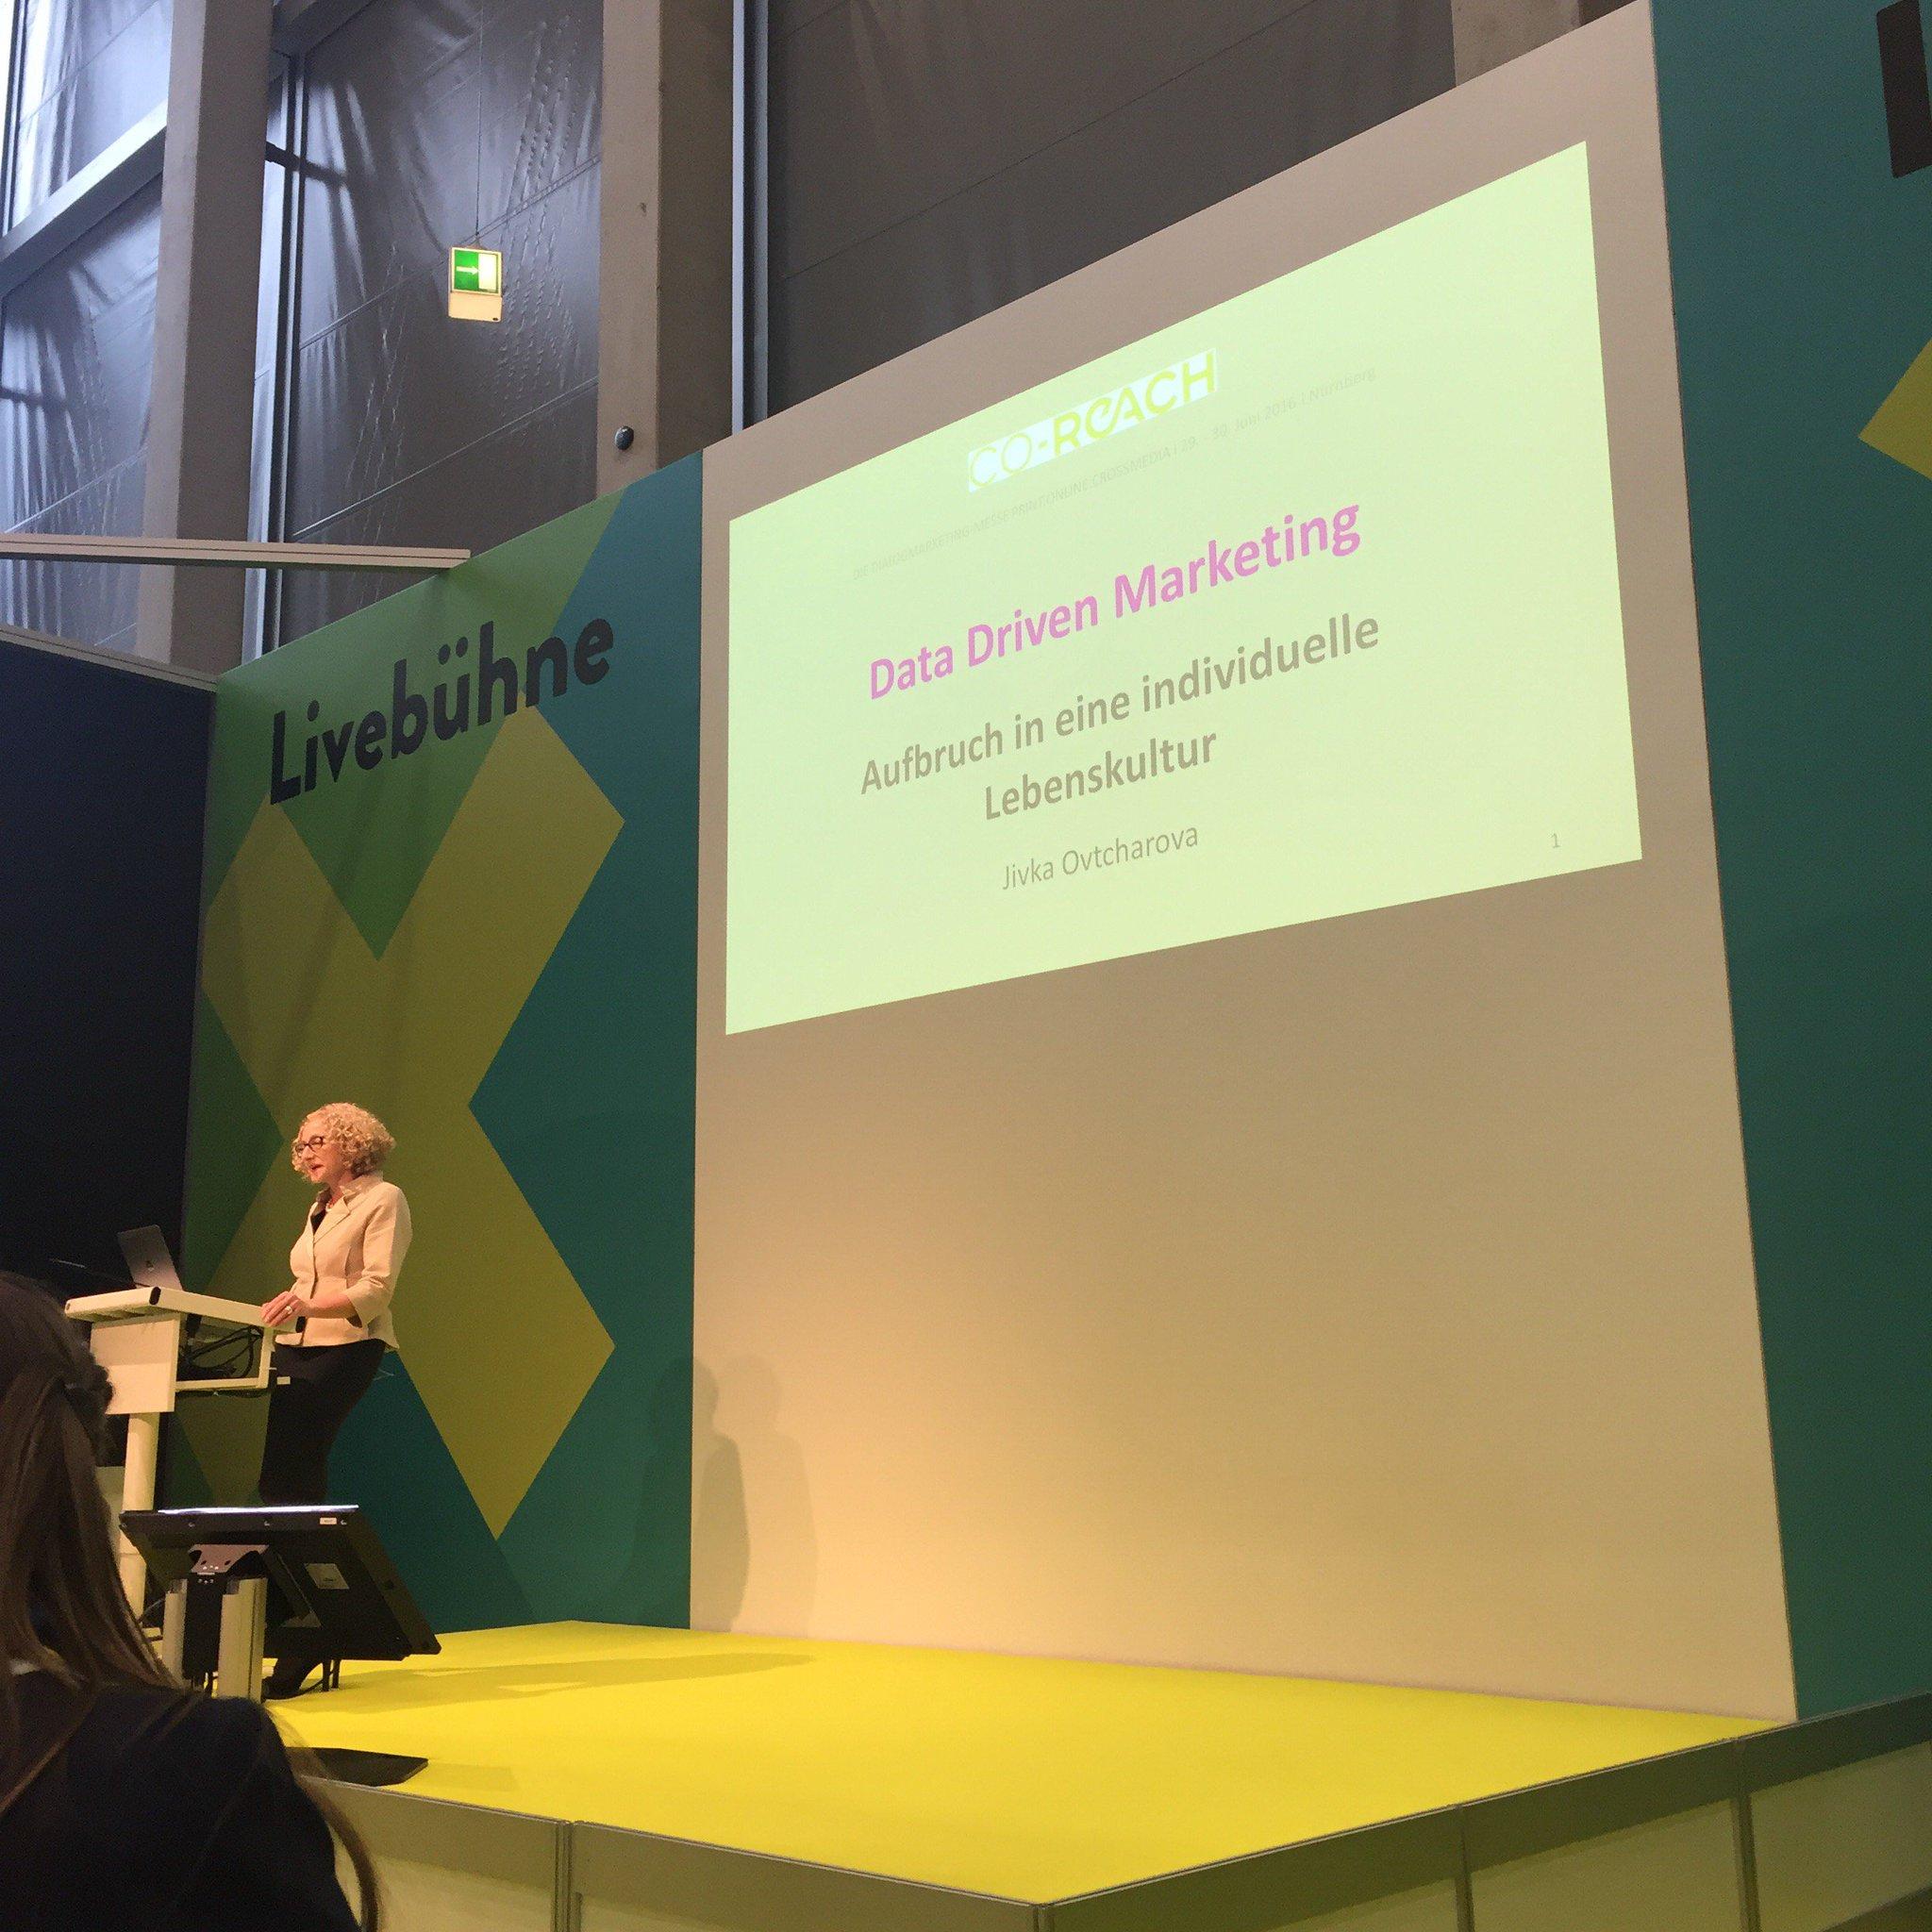 Aufbruch in eine individuelle Lebenskultur ....Data Driven Marketing #coreach #nuernberg #neugierig https://t.co/l3XHksbdMH